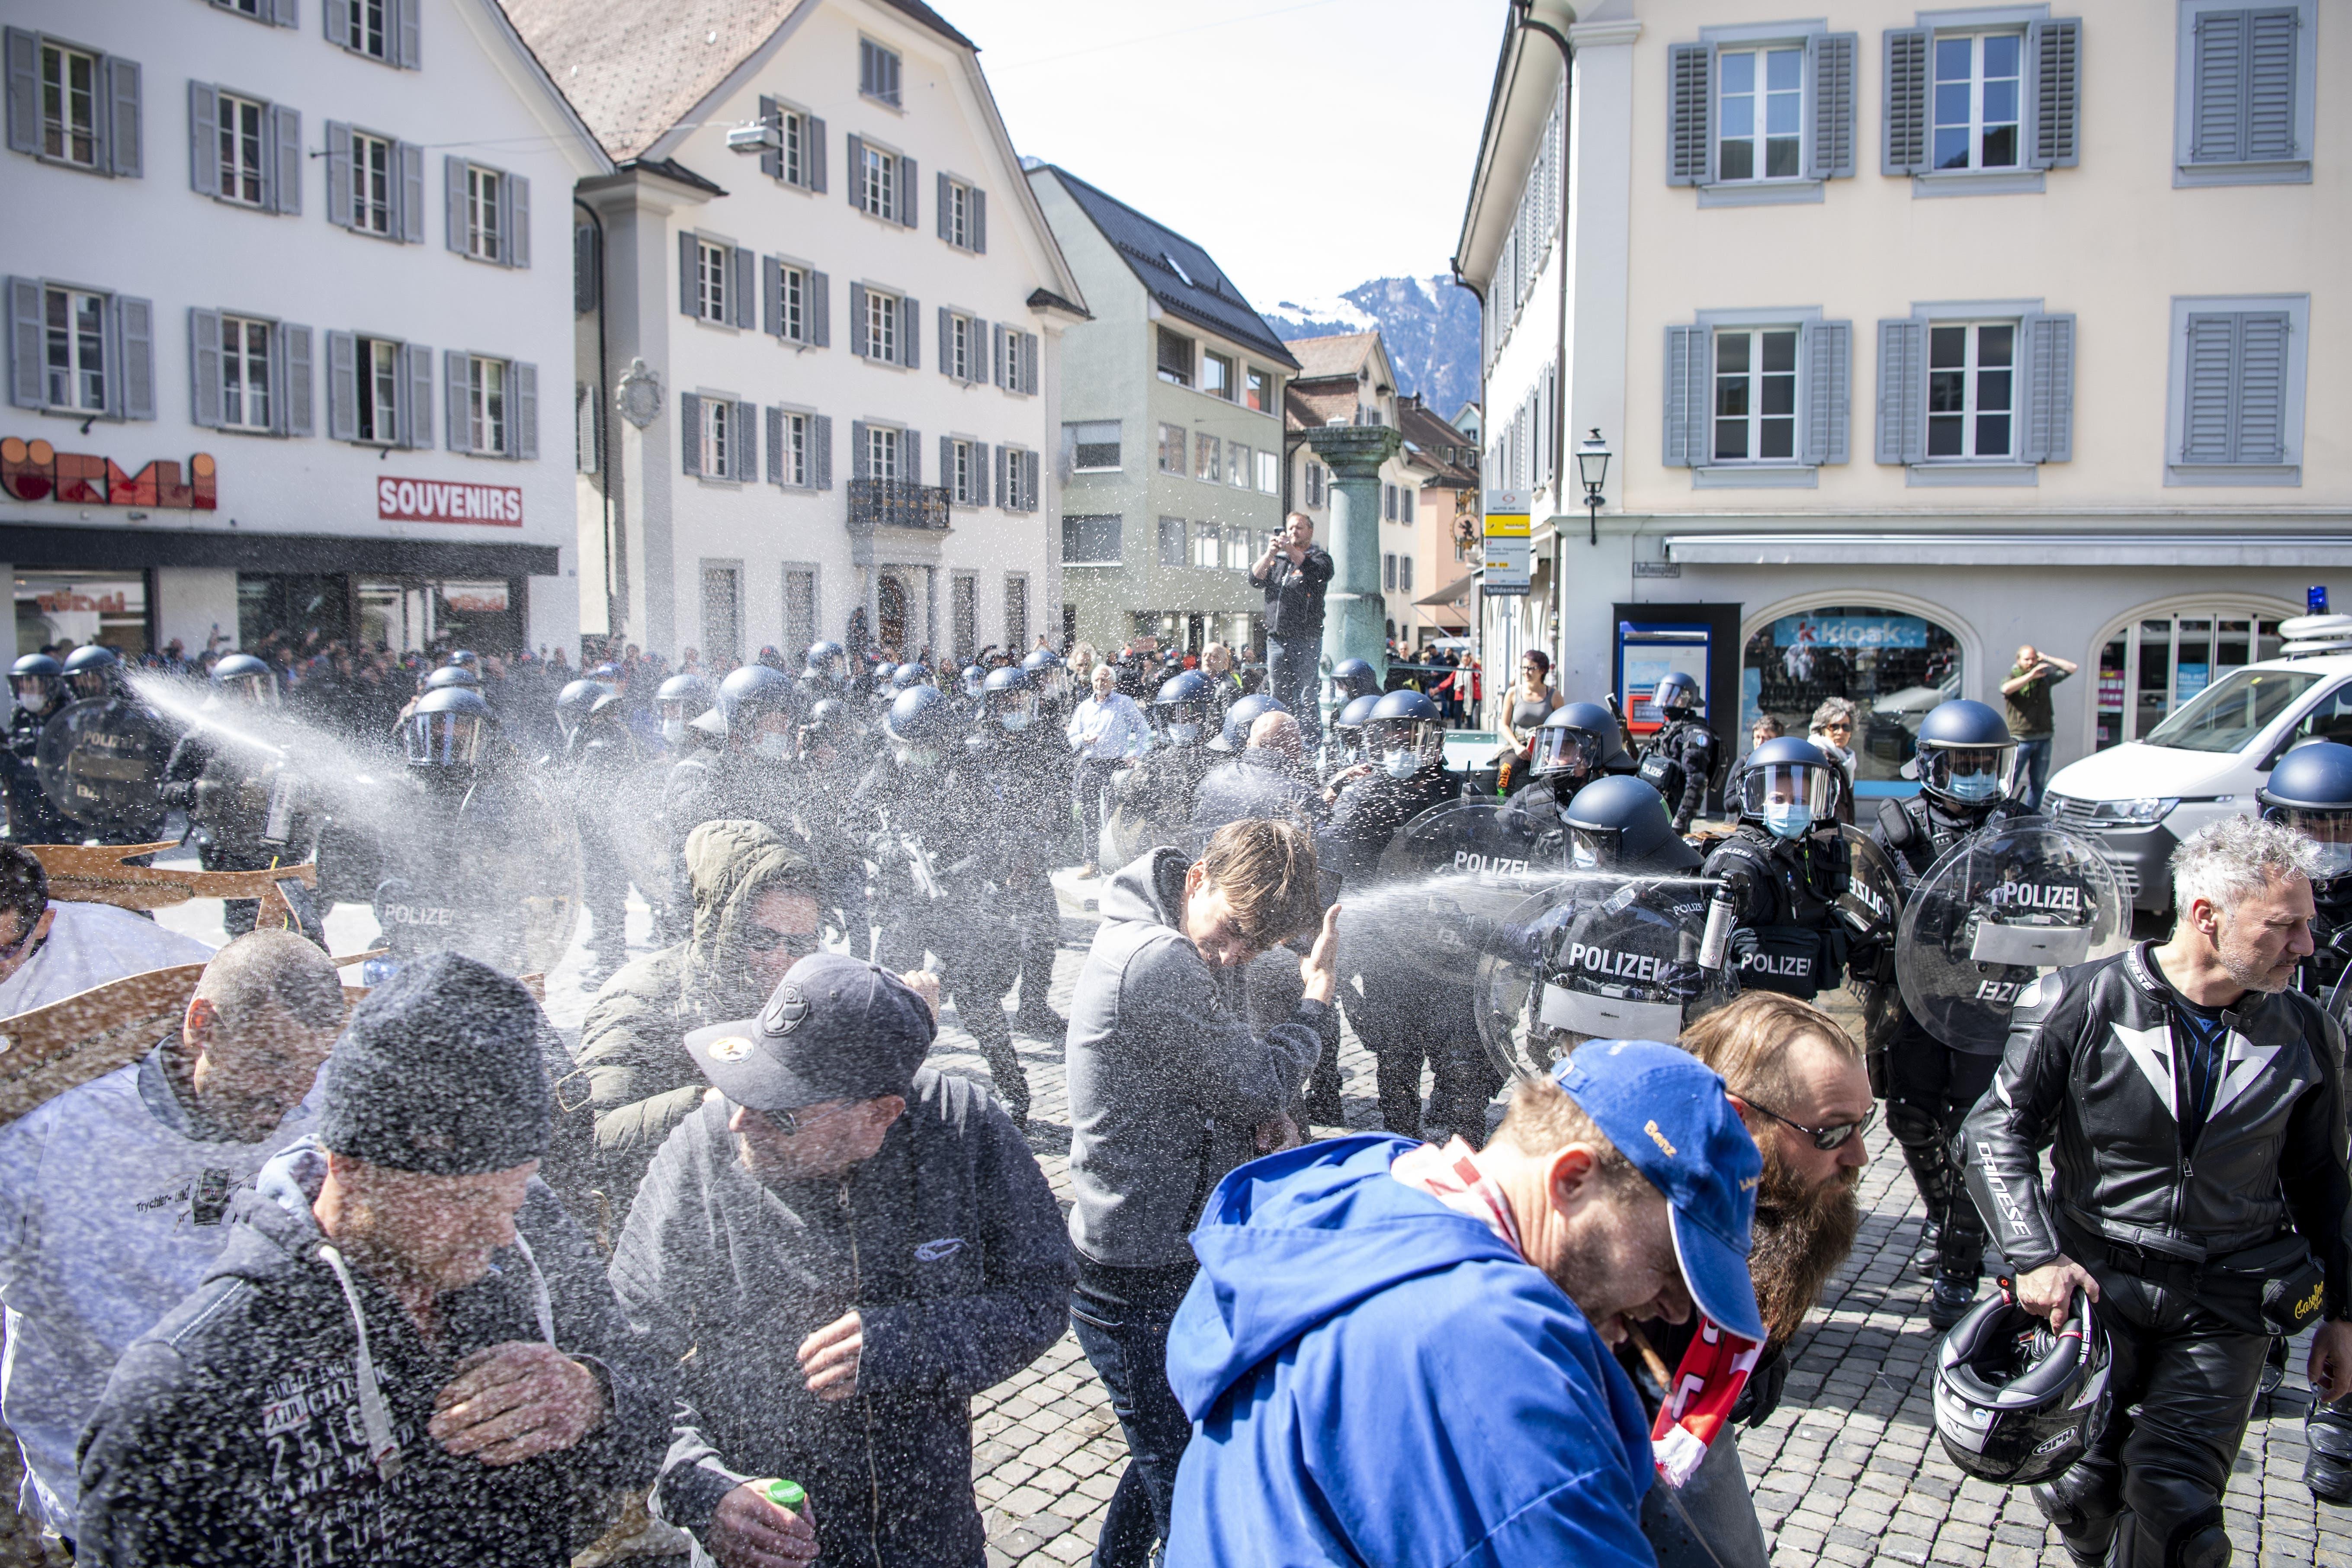 Die Polizei vertreibt die Demonstranten.